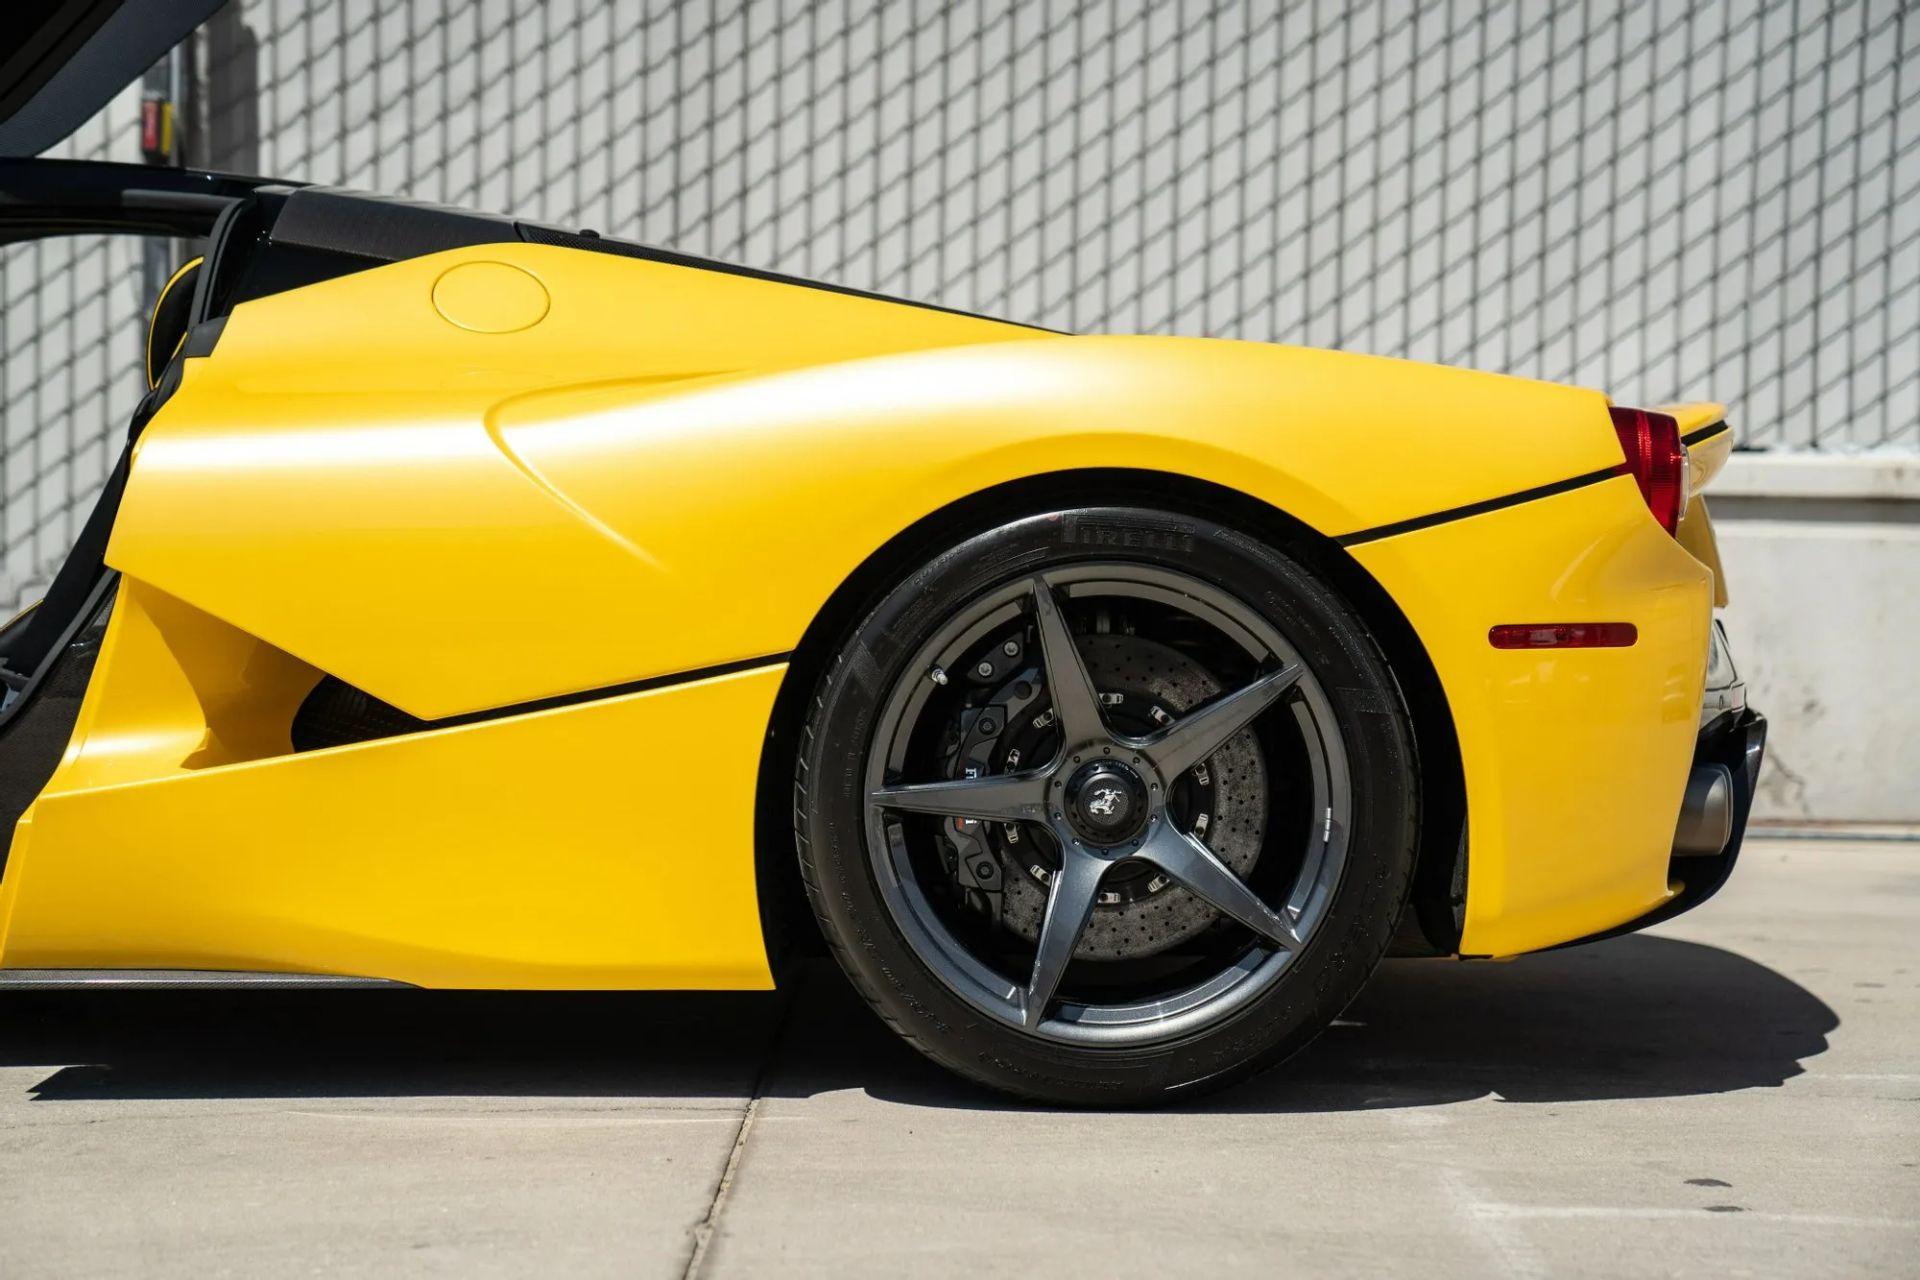 2015-La-Ferrari-Giallo-Triplo-Strato-5